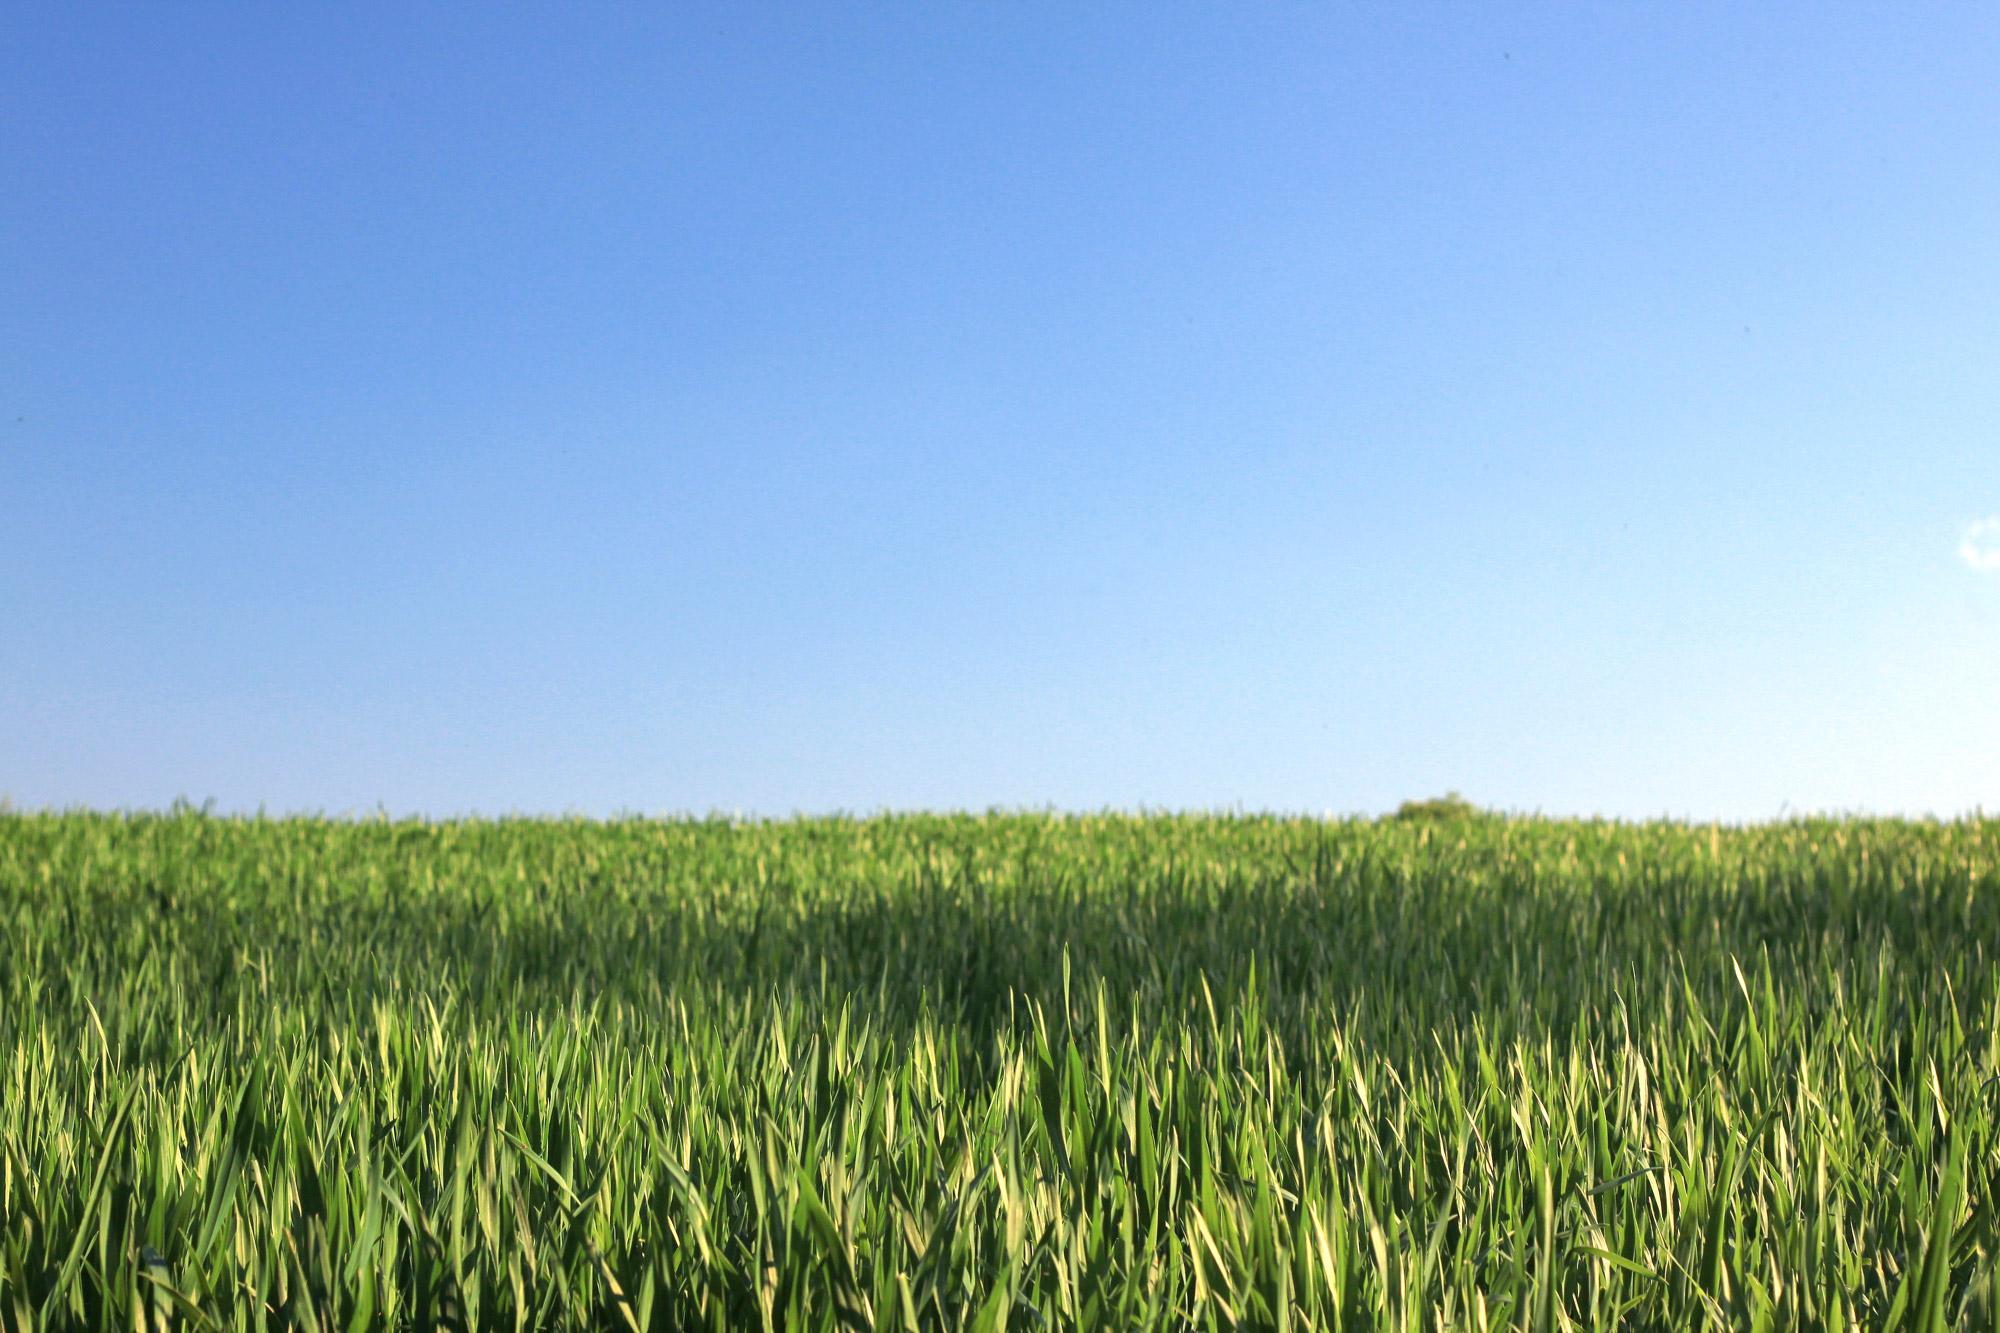 Field Blue Sky